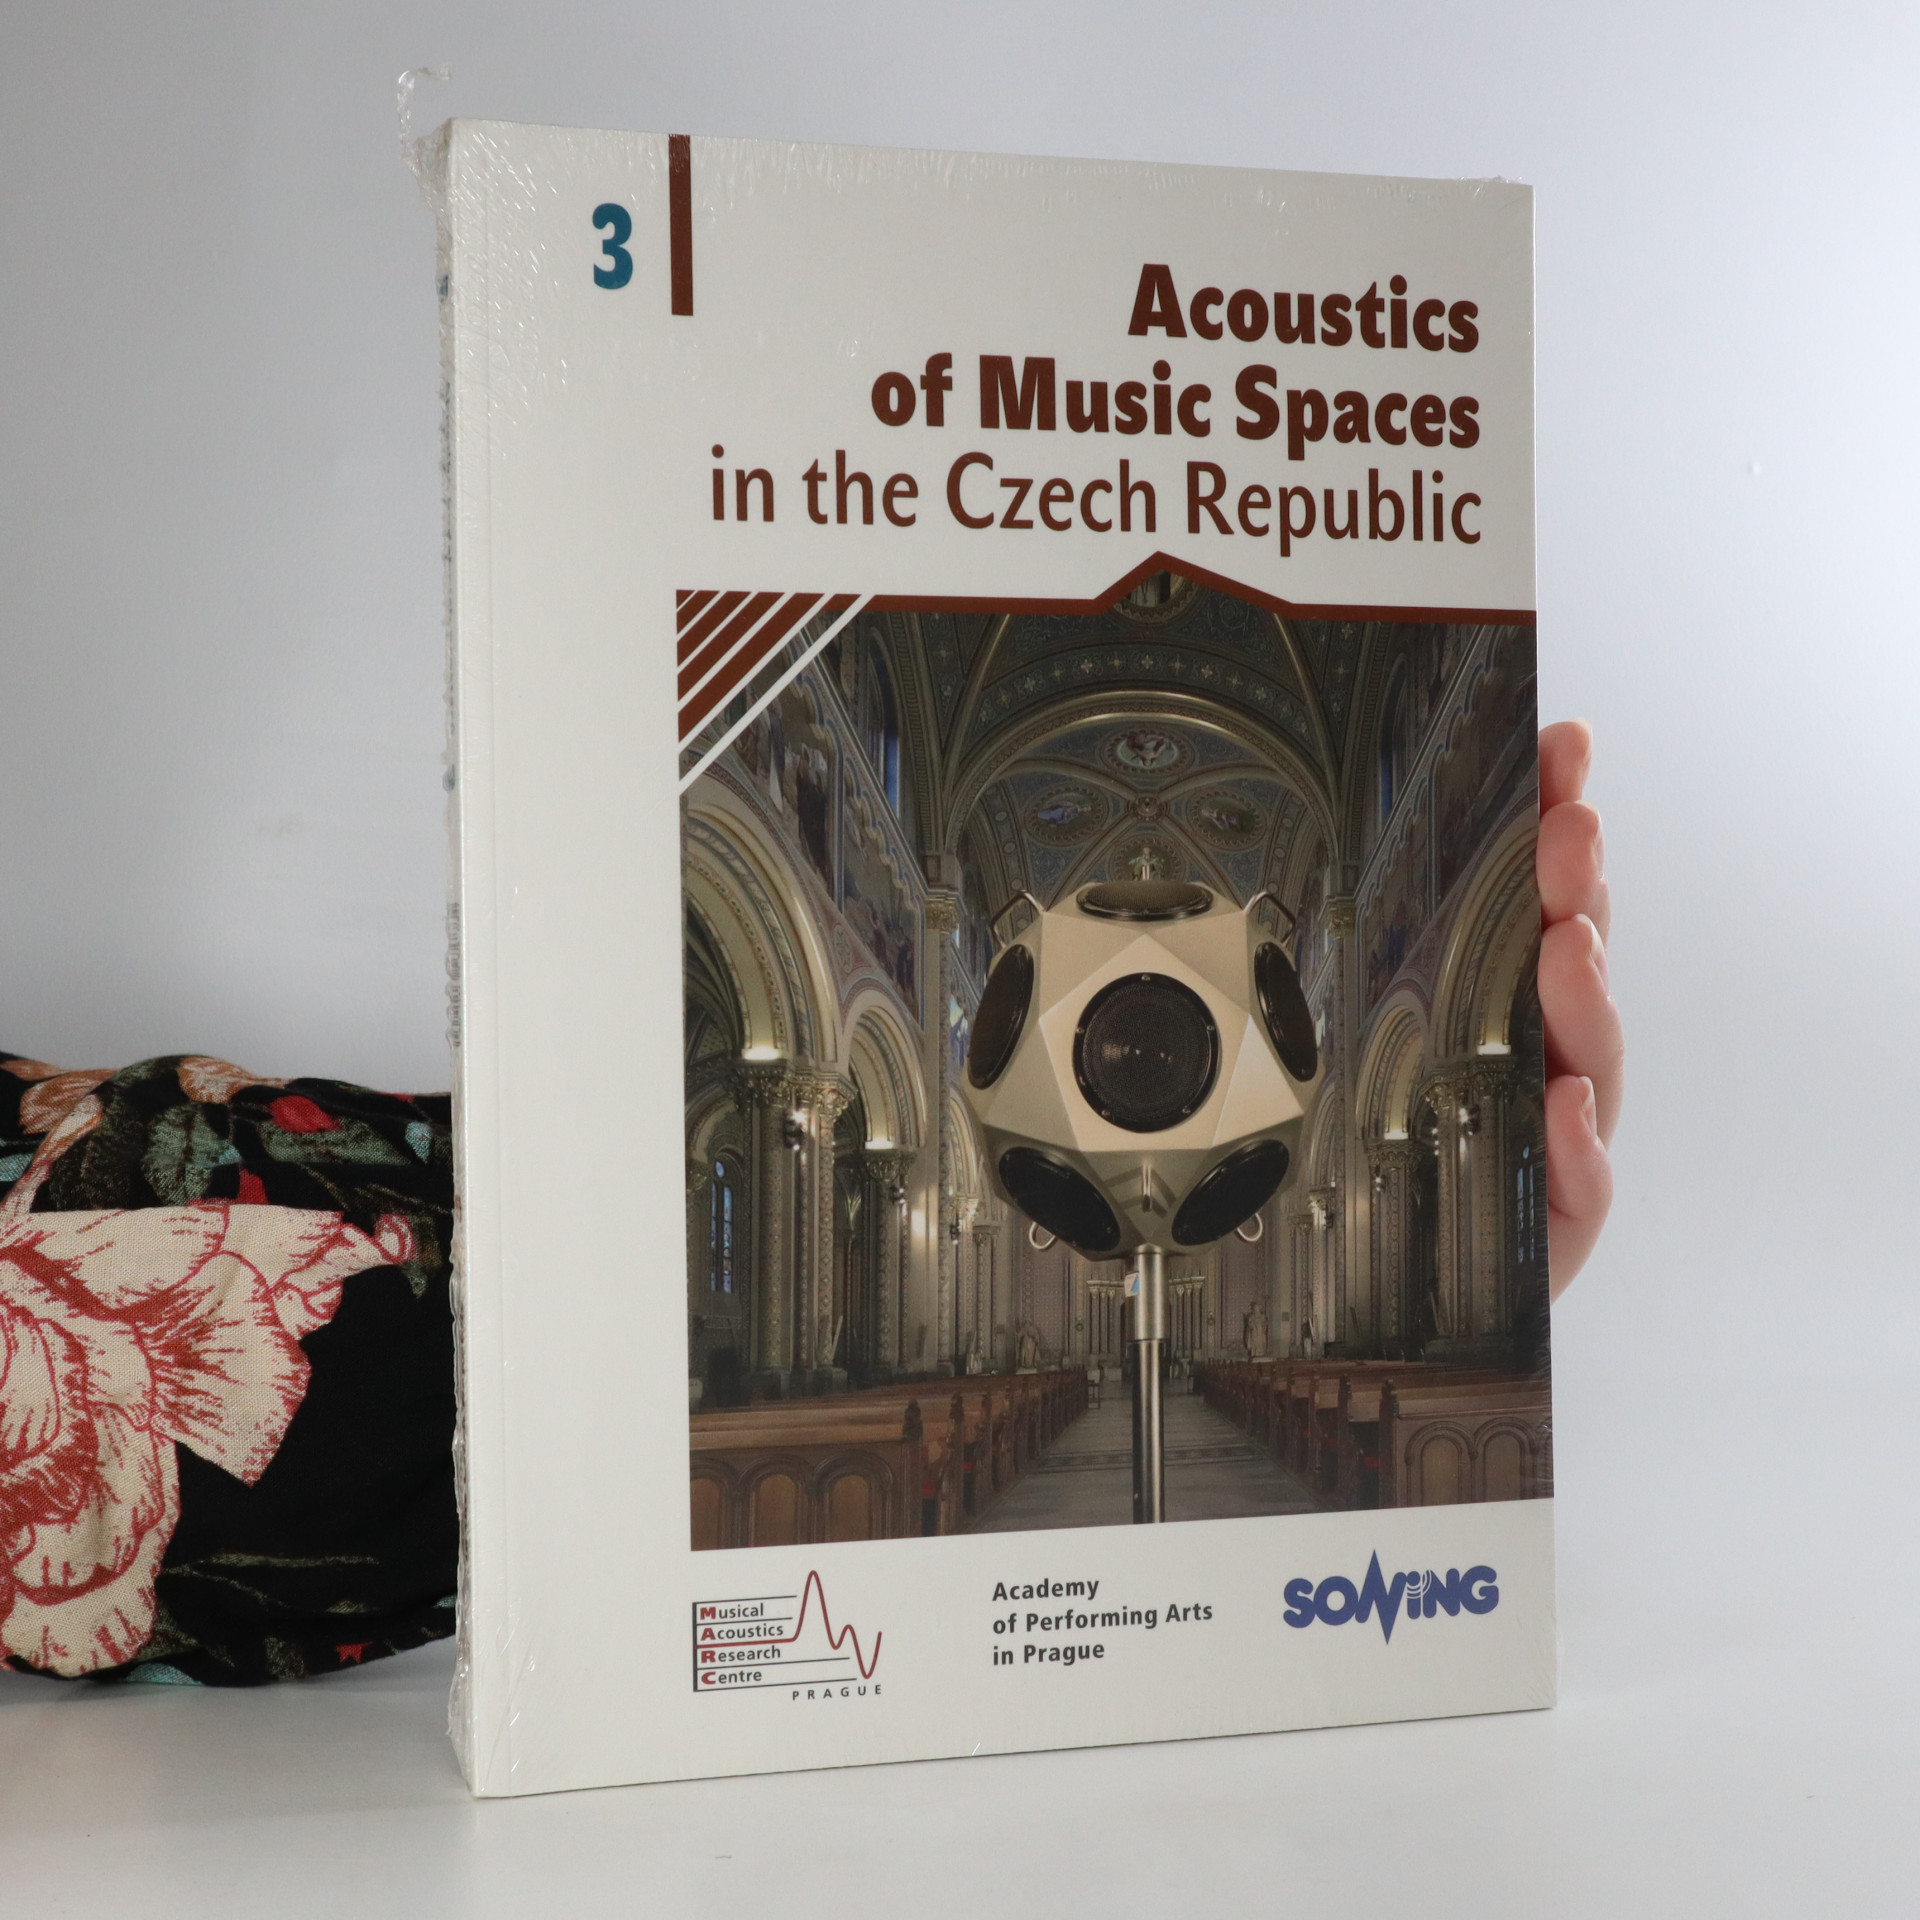 antikvární kniha Acoustics of Music Spaces in the Czech Republic 3. Akustika hudebních prostorů v České Republice, neuveden